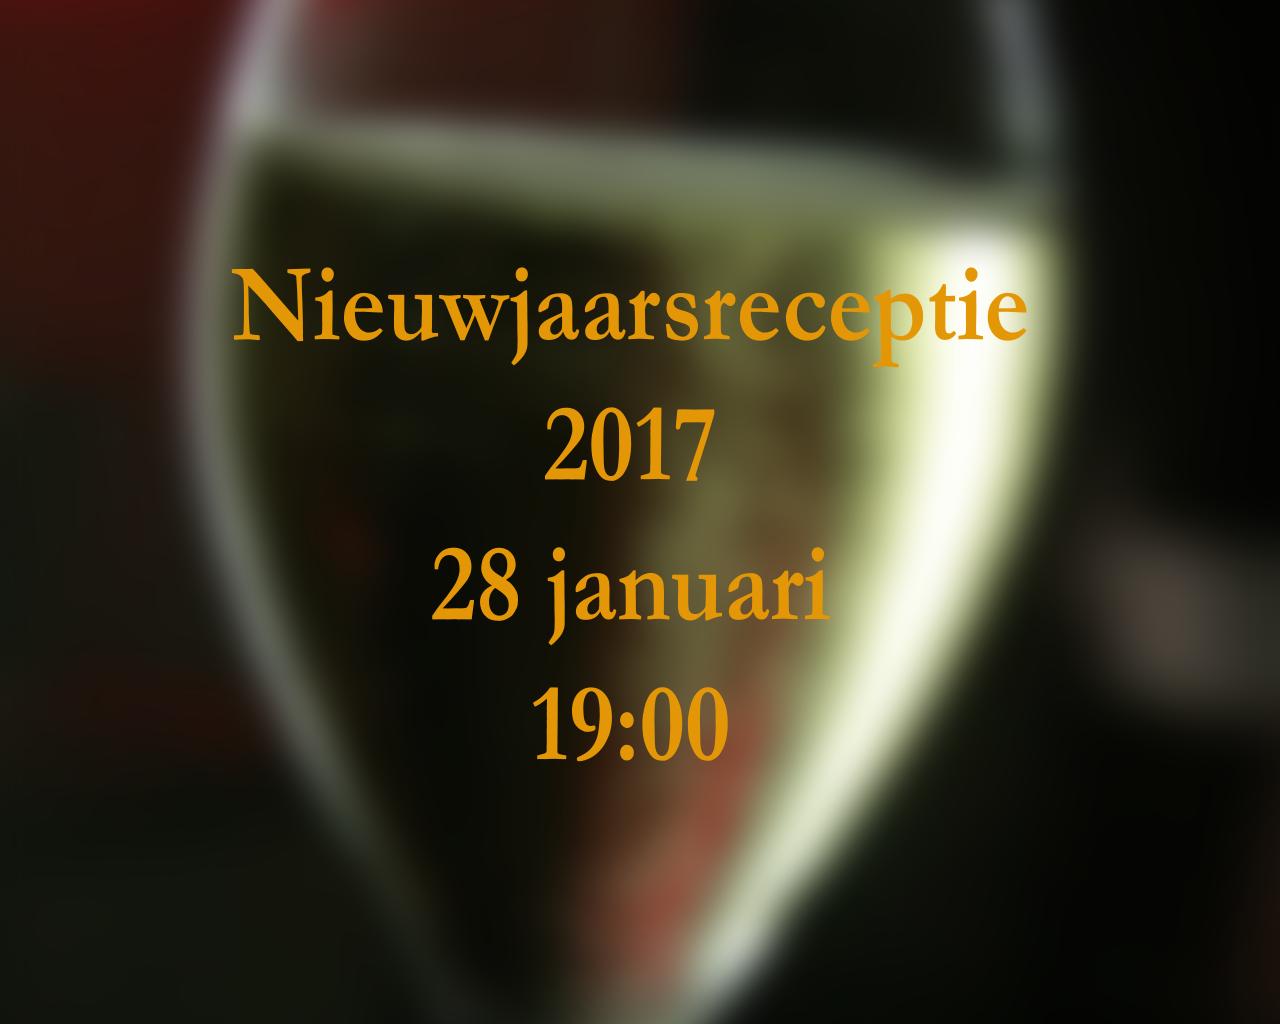 Nieuwjaarsreceptie-2017